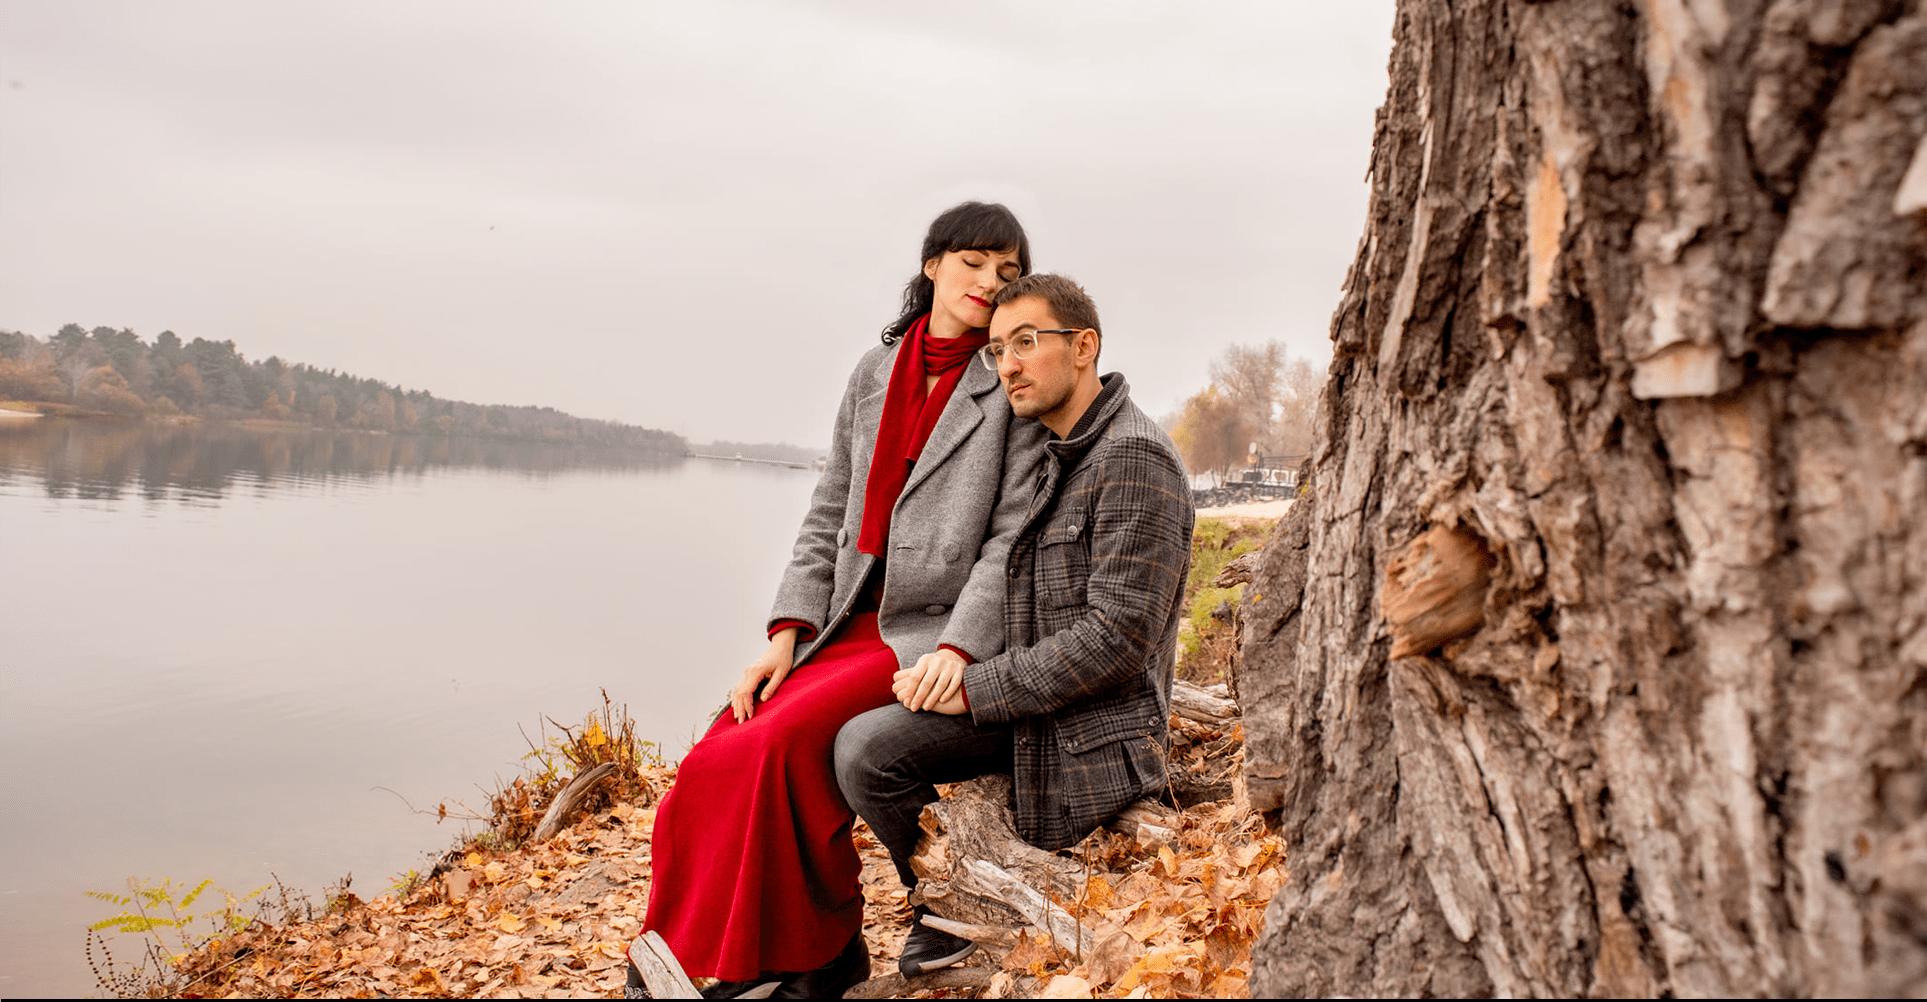 профессиональный фотограф киев недорого